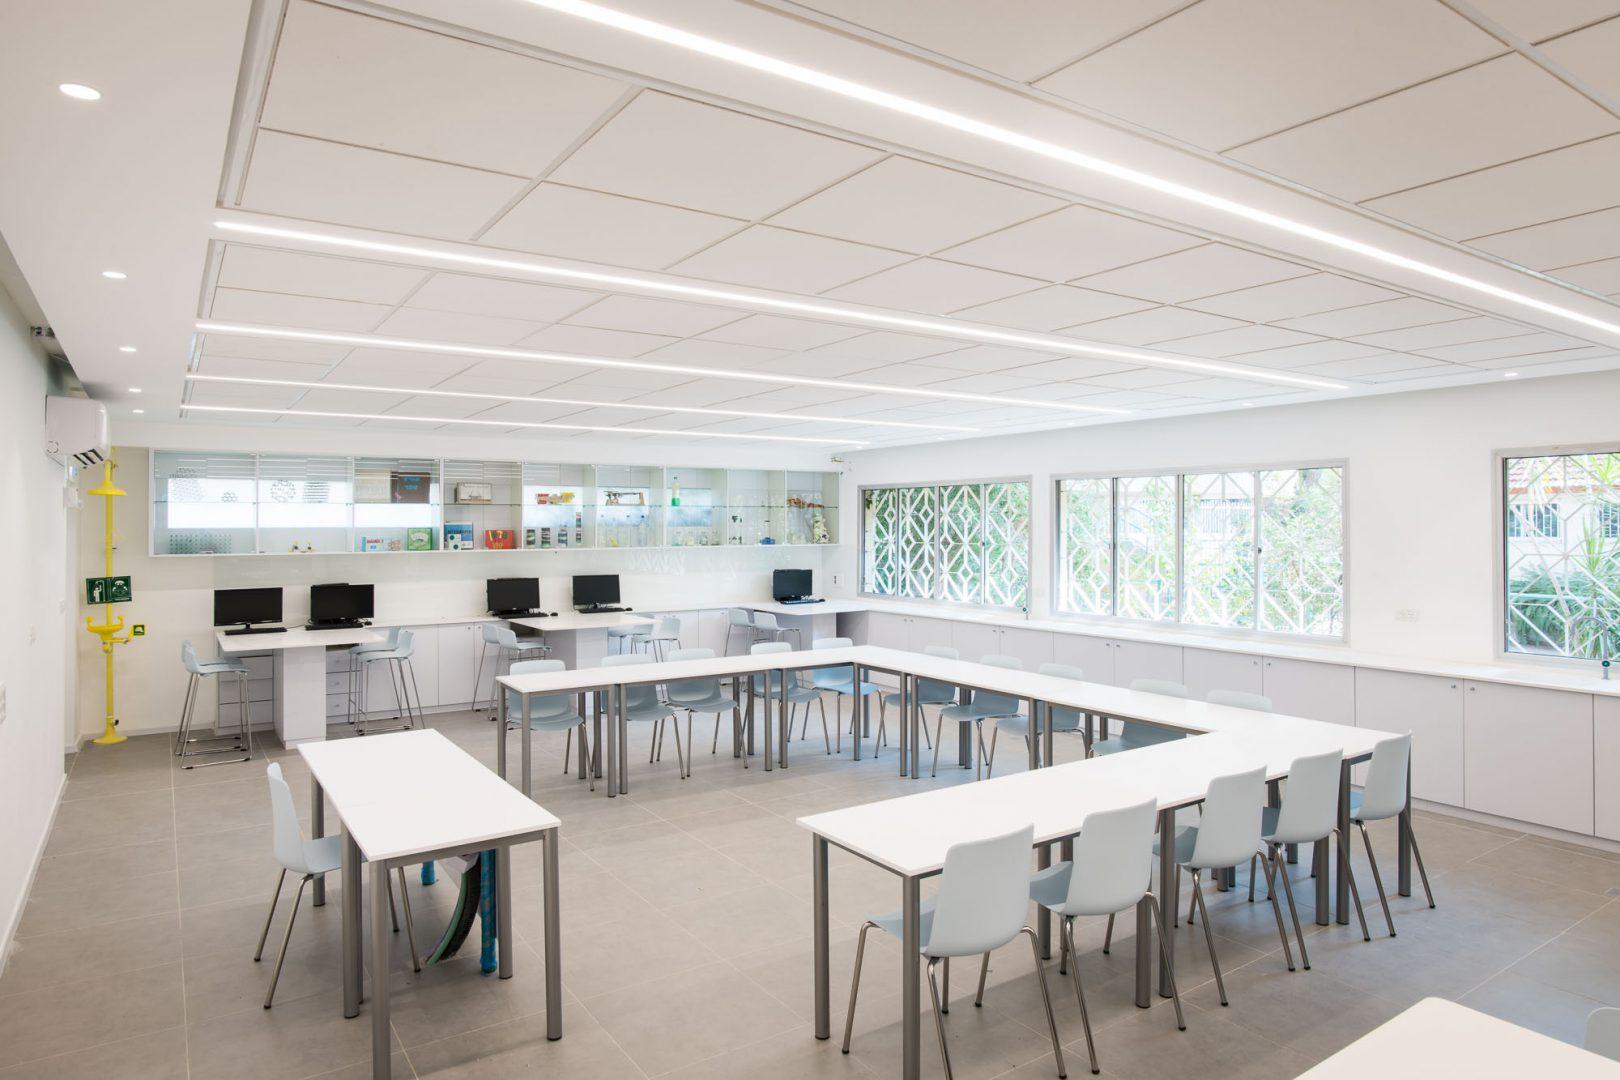 צילום זווית א' מחדר המורים